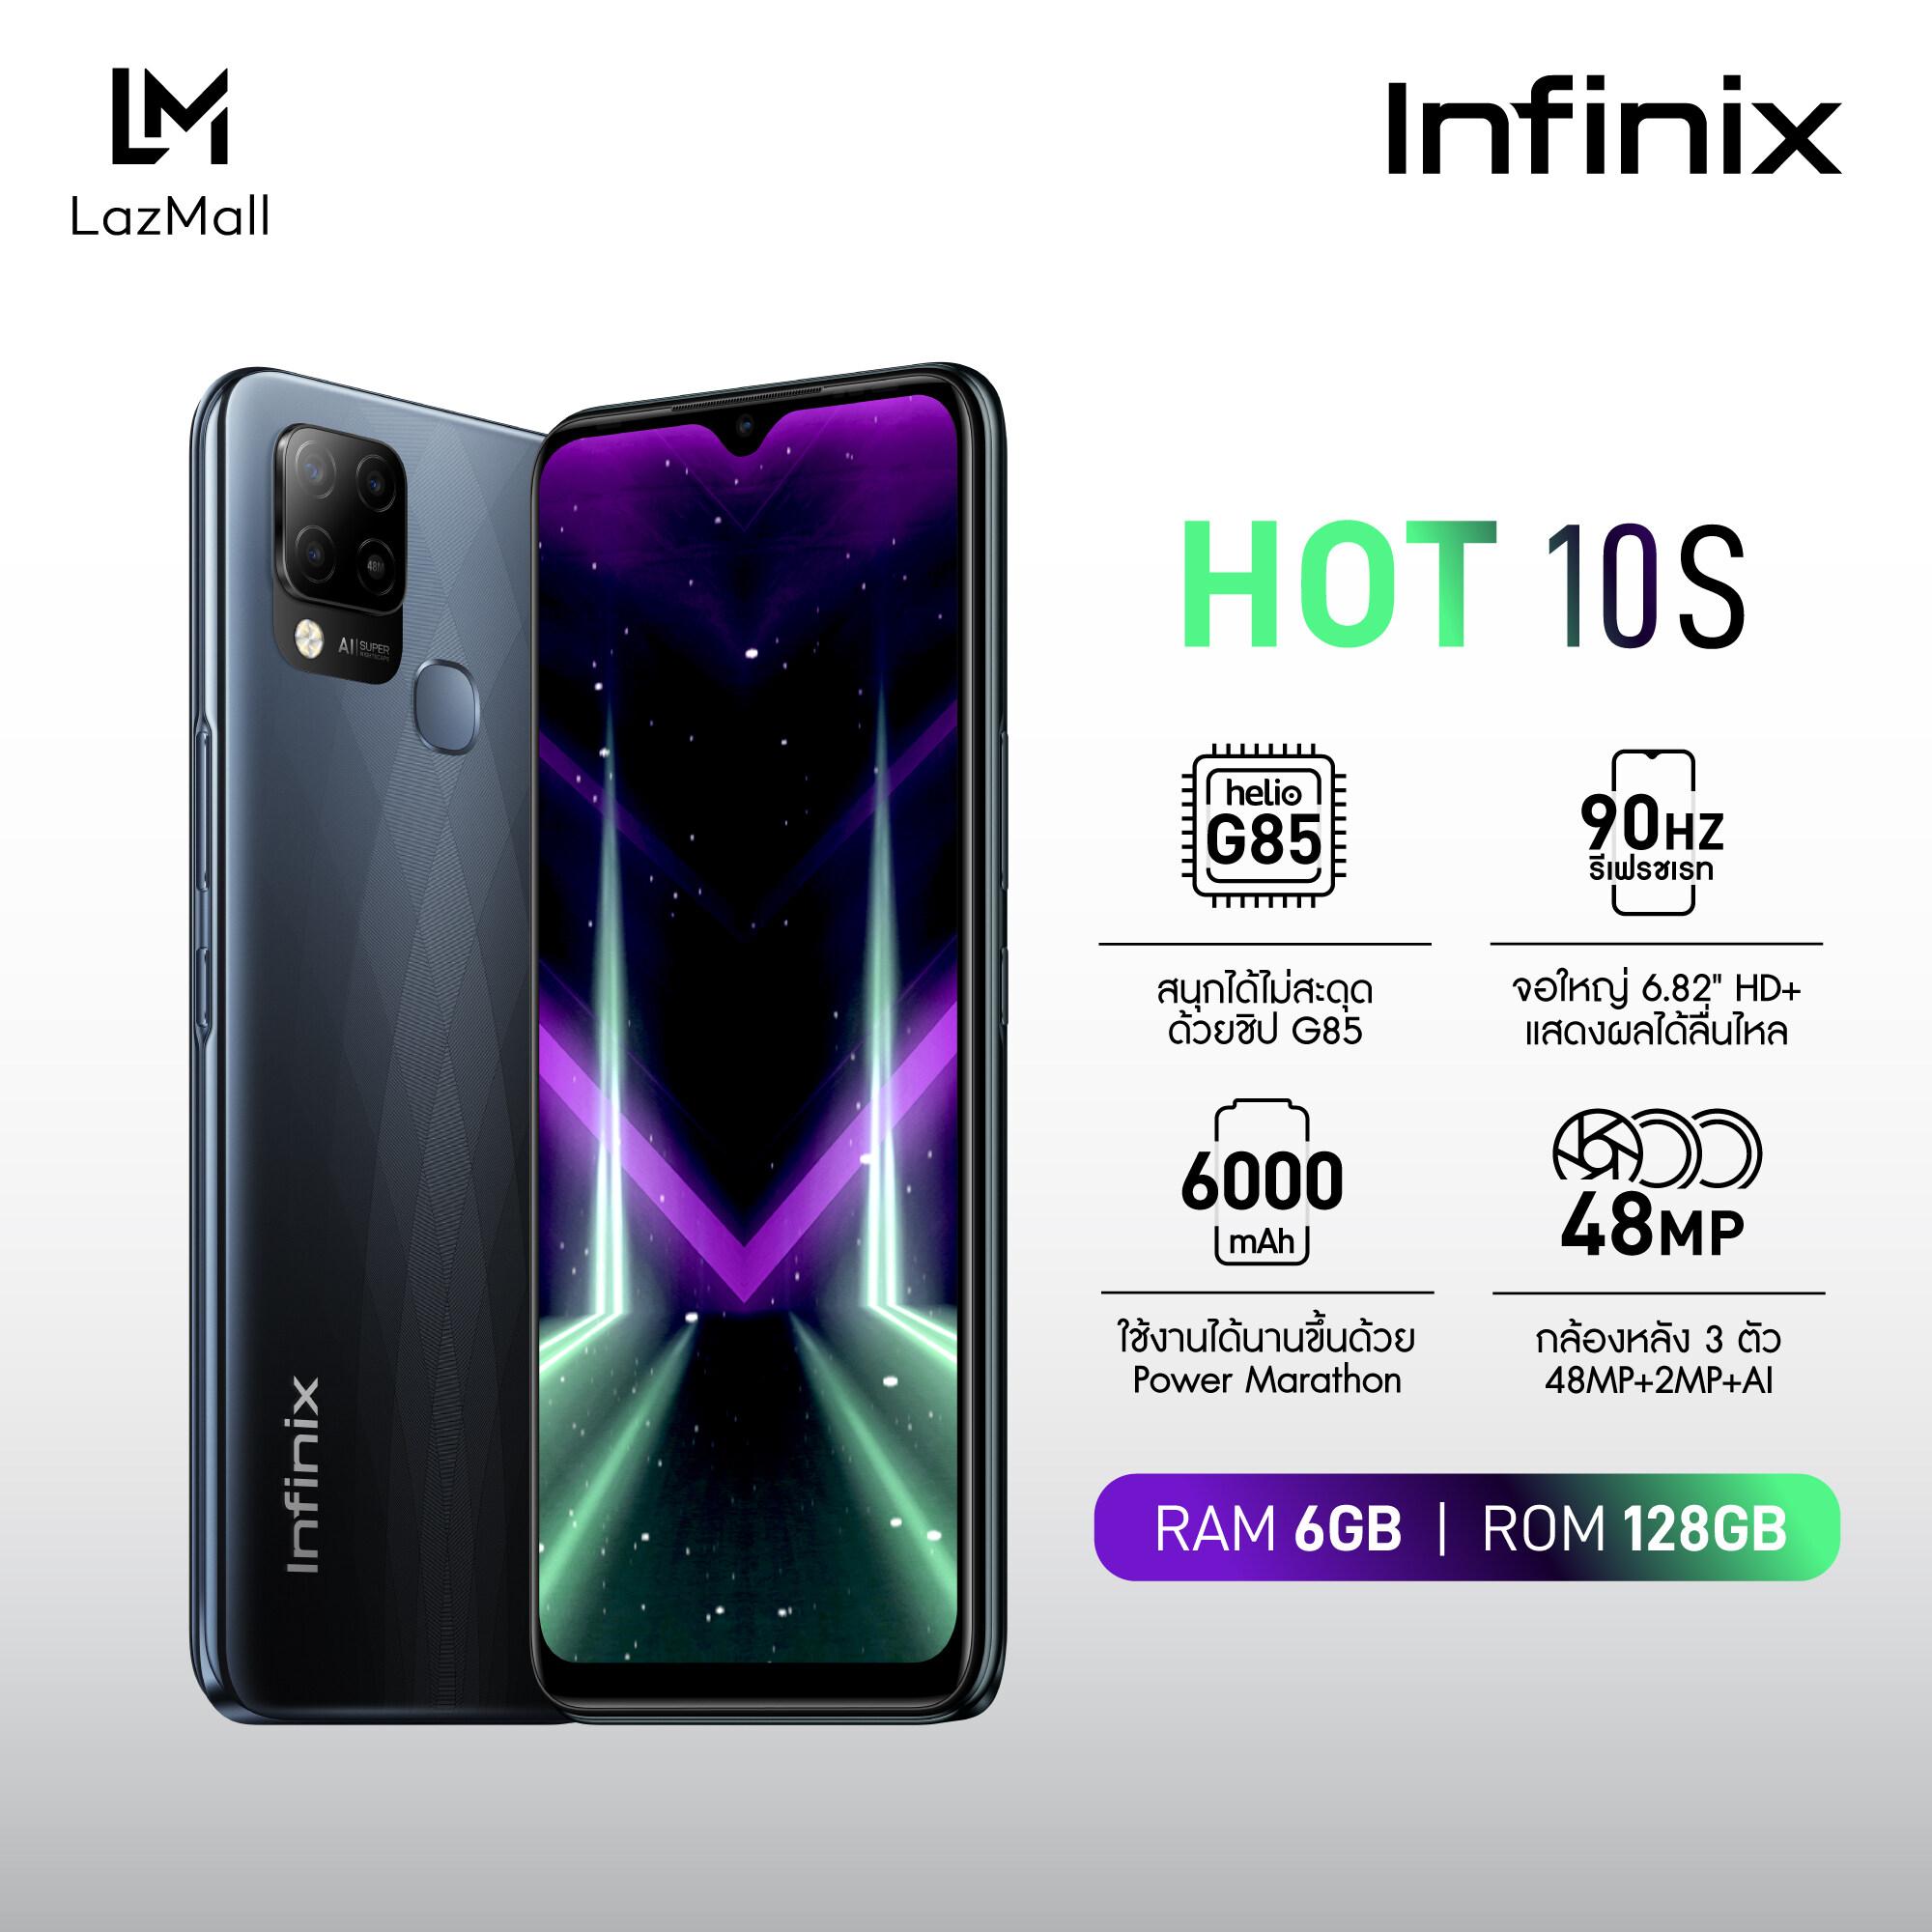 [ผ่อน 0%] Infinix Hot 10s (6gb+128gb) โทรศัพท์ หน้าจอ 6.82 แบตฯอึด 6000 Mah มาพร้อม Mtk Helio G85 กล้องหน้า 8mp กล้องหลังคมชัดสูงสุด 48mp เฉพาะที่ลาซาด้าเท่านั้น.